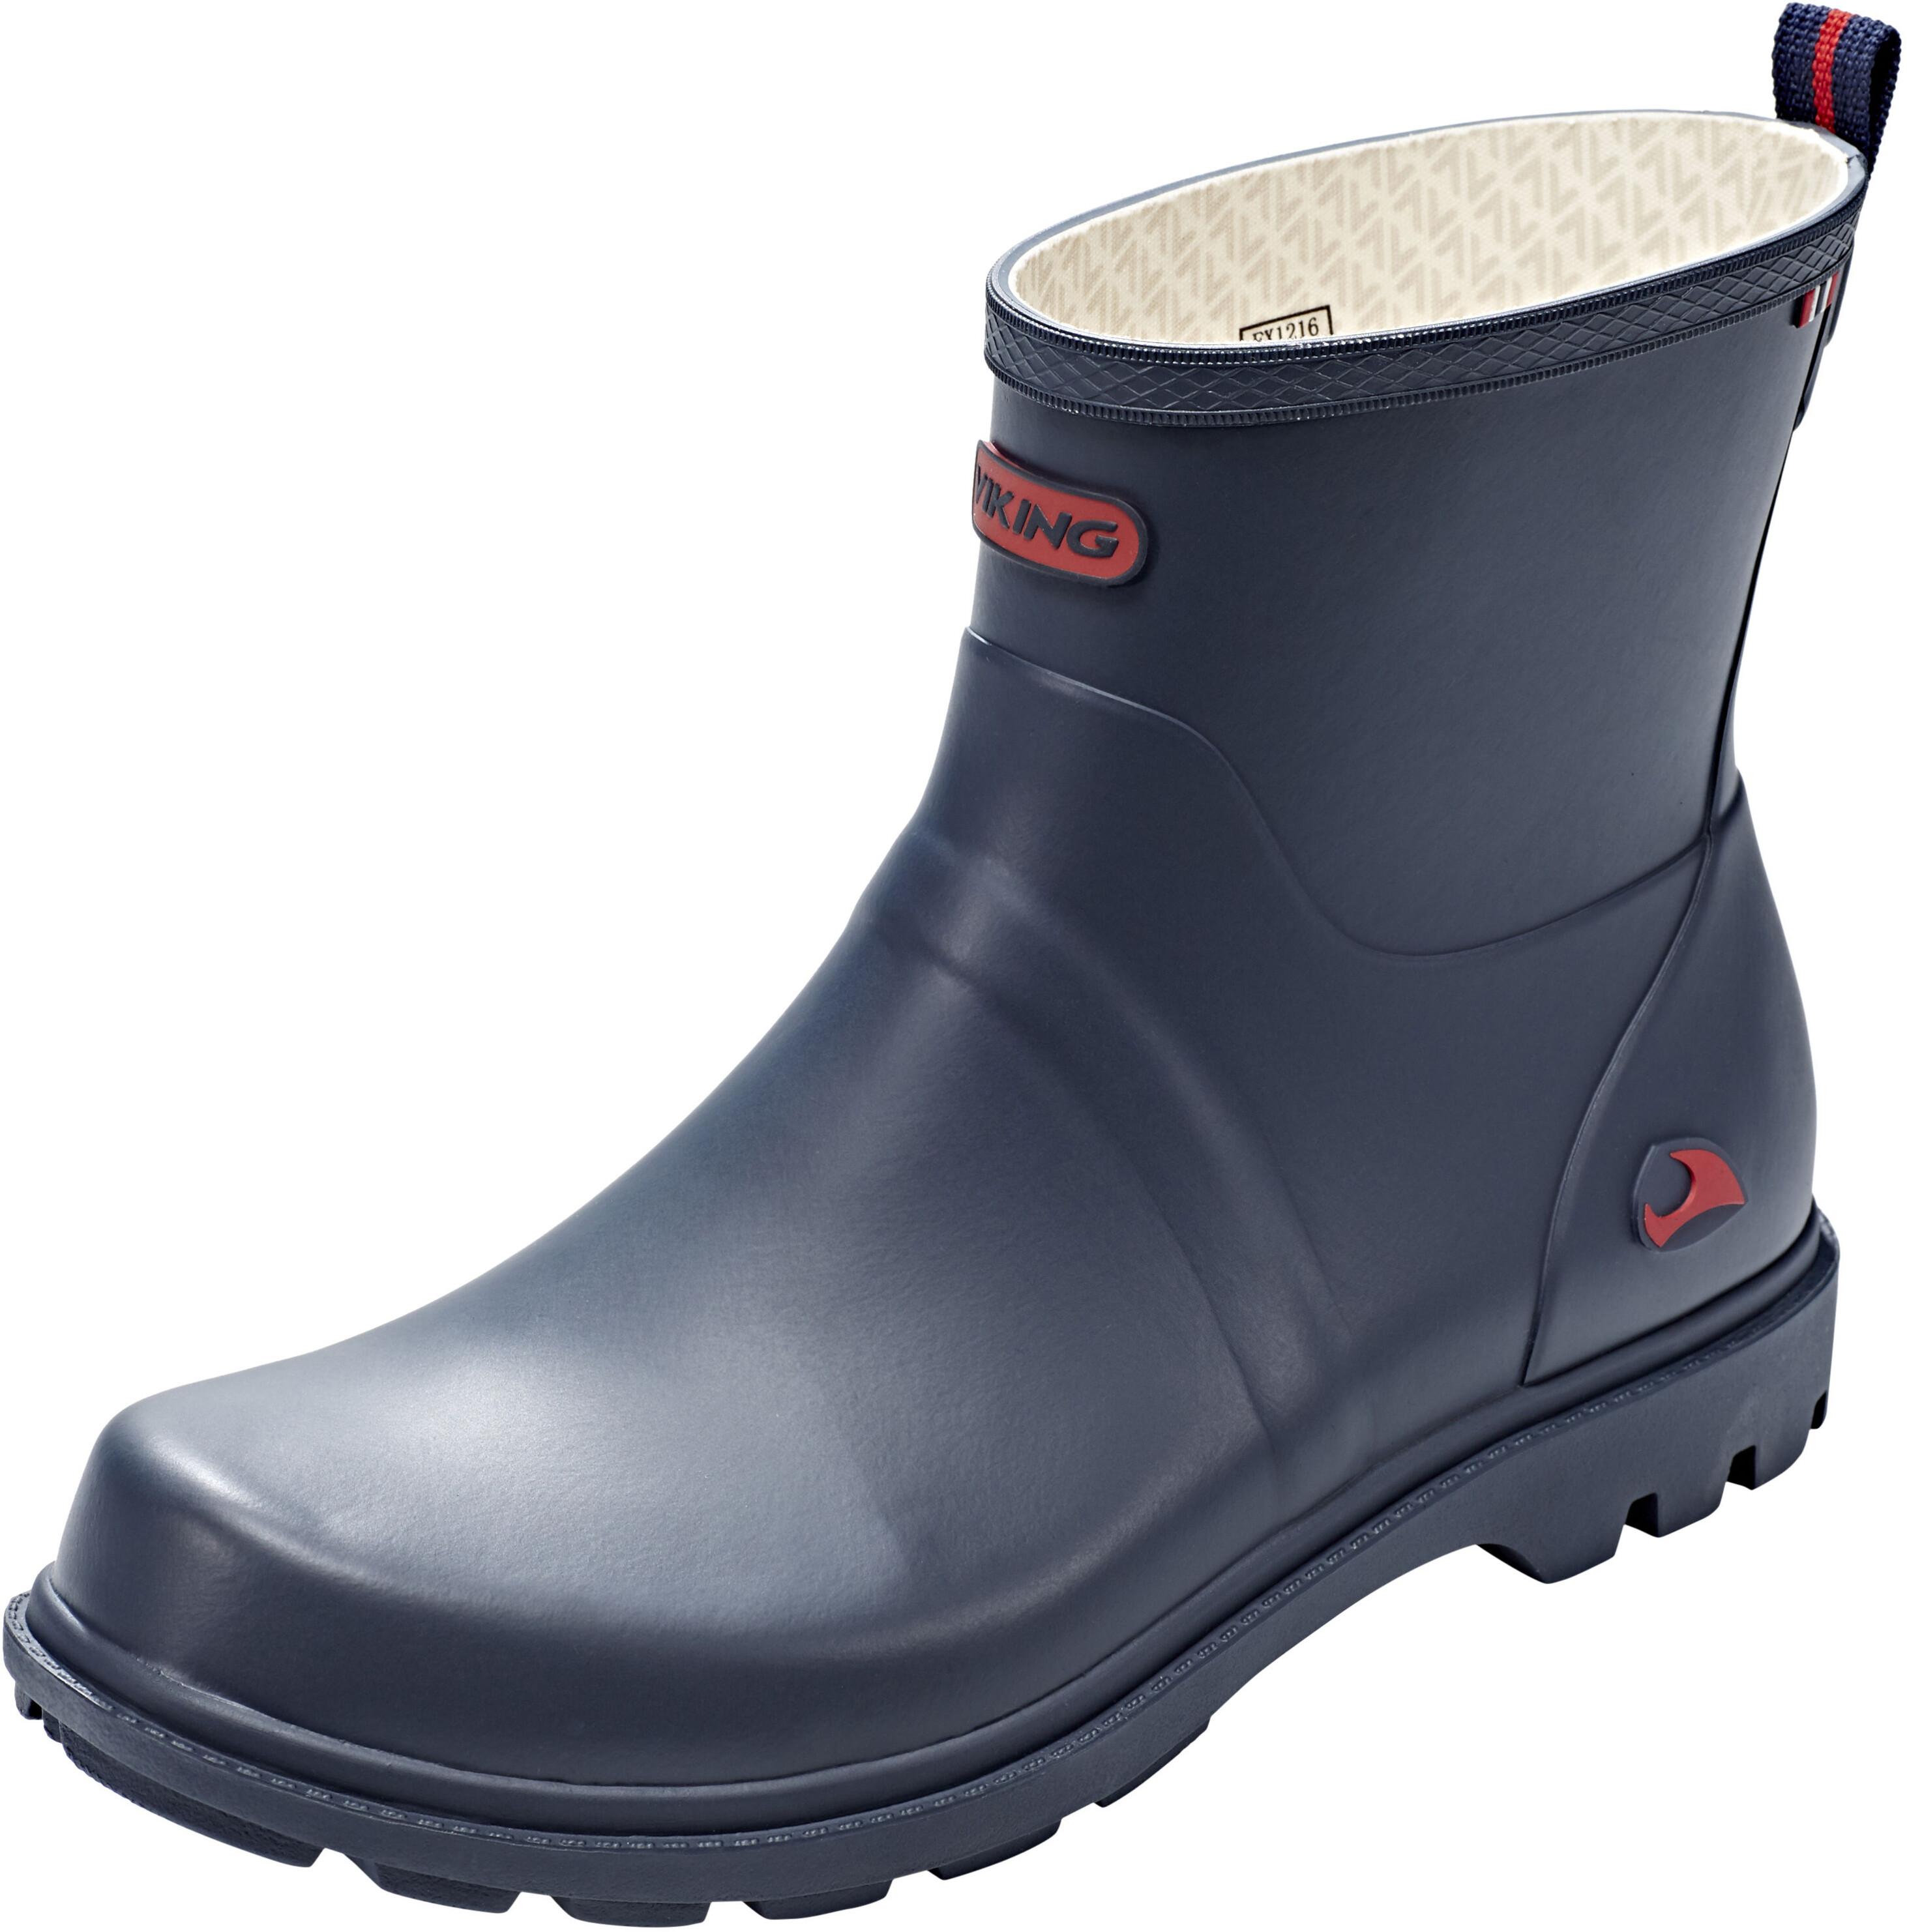 da9650cd Viking Footwear Noble Gummistøvler Damer, navy | Find outdoortøj ...